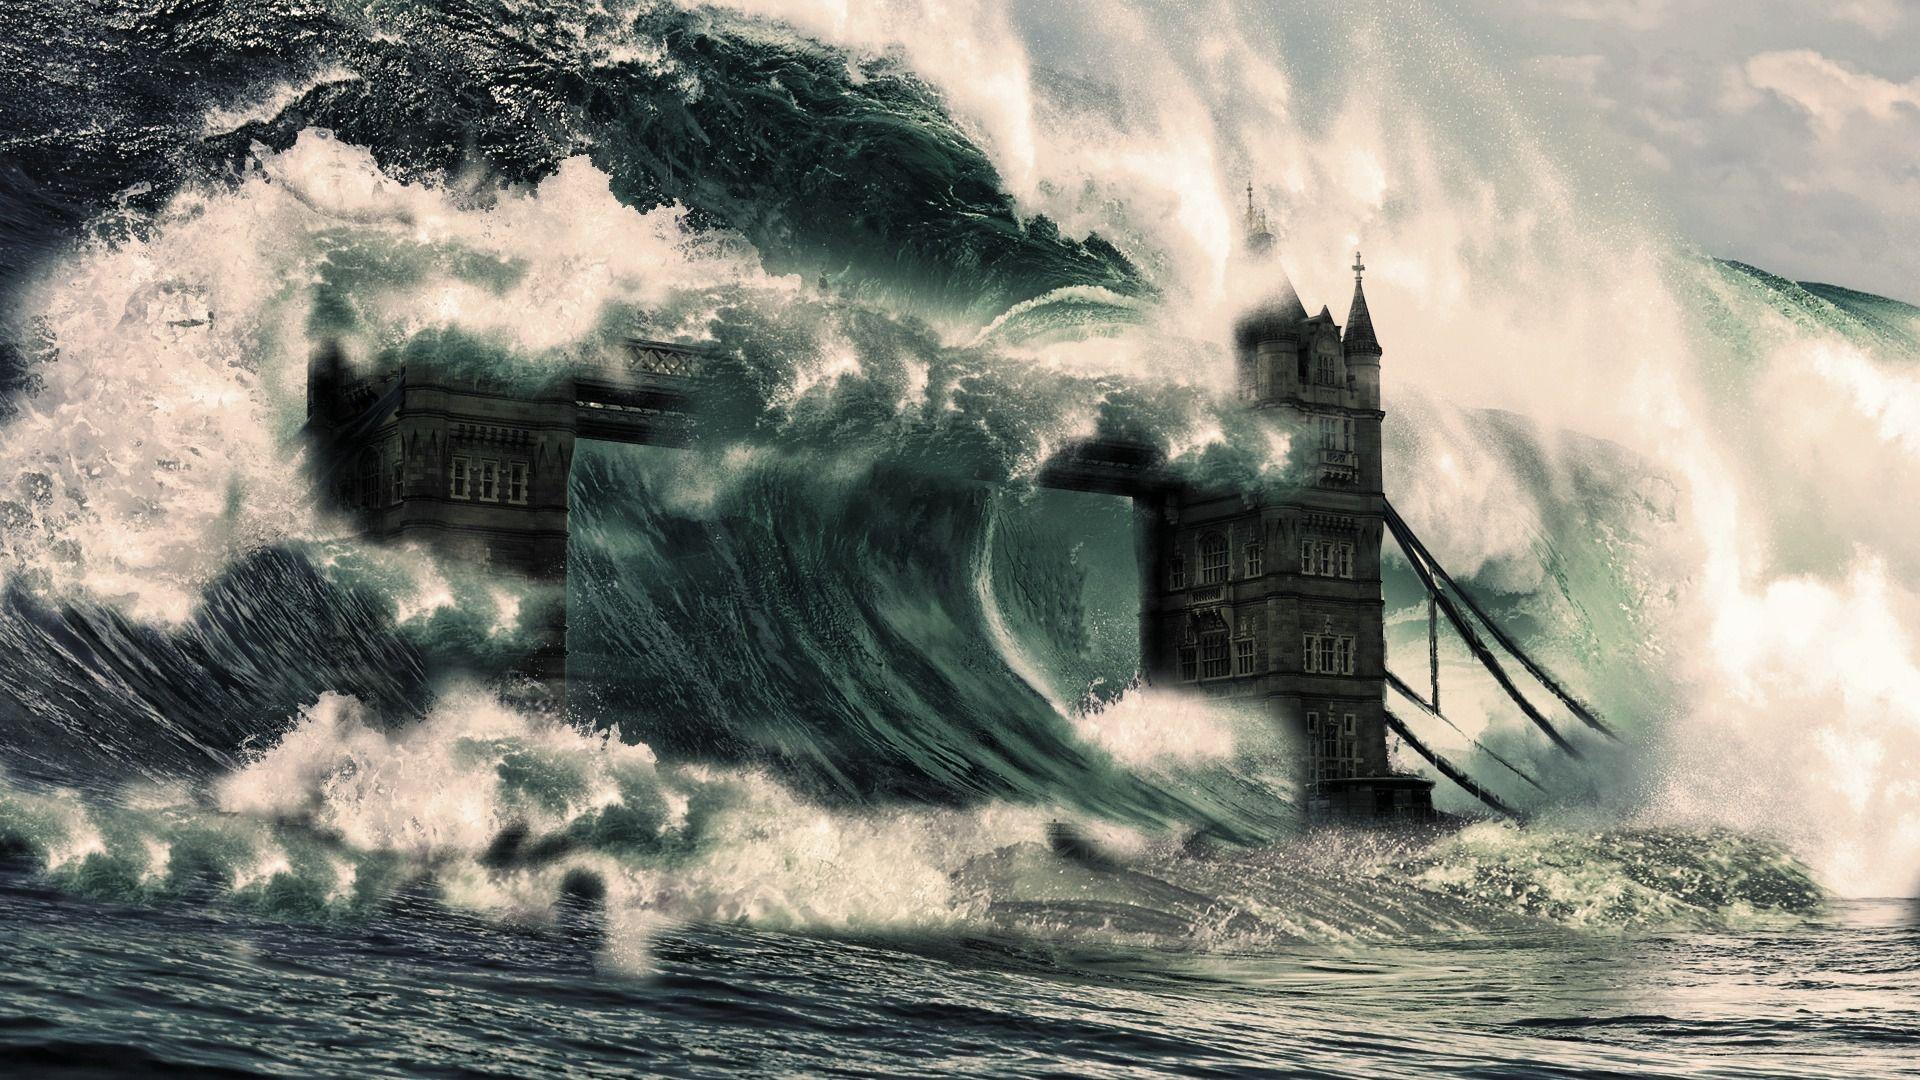 Tsunami Wallpaper 13777 1920x1200 px ~ FreeWallSource.